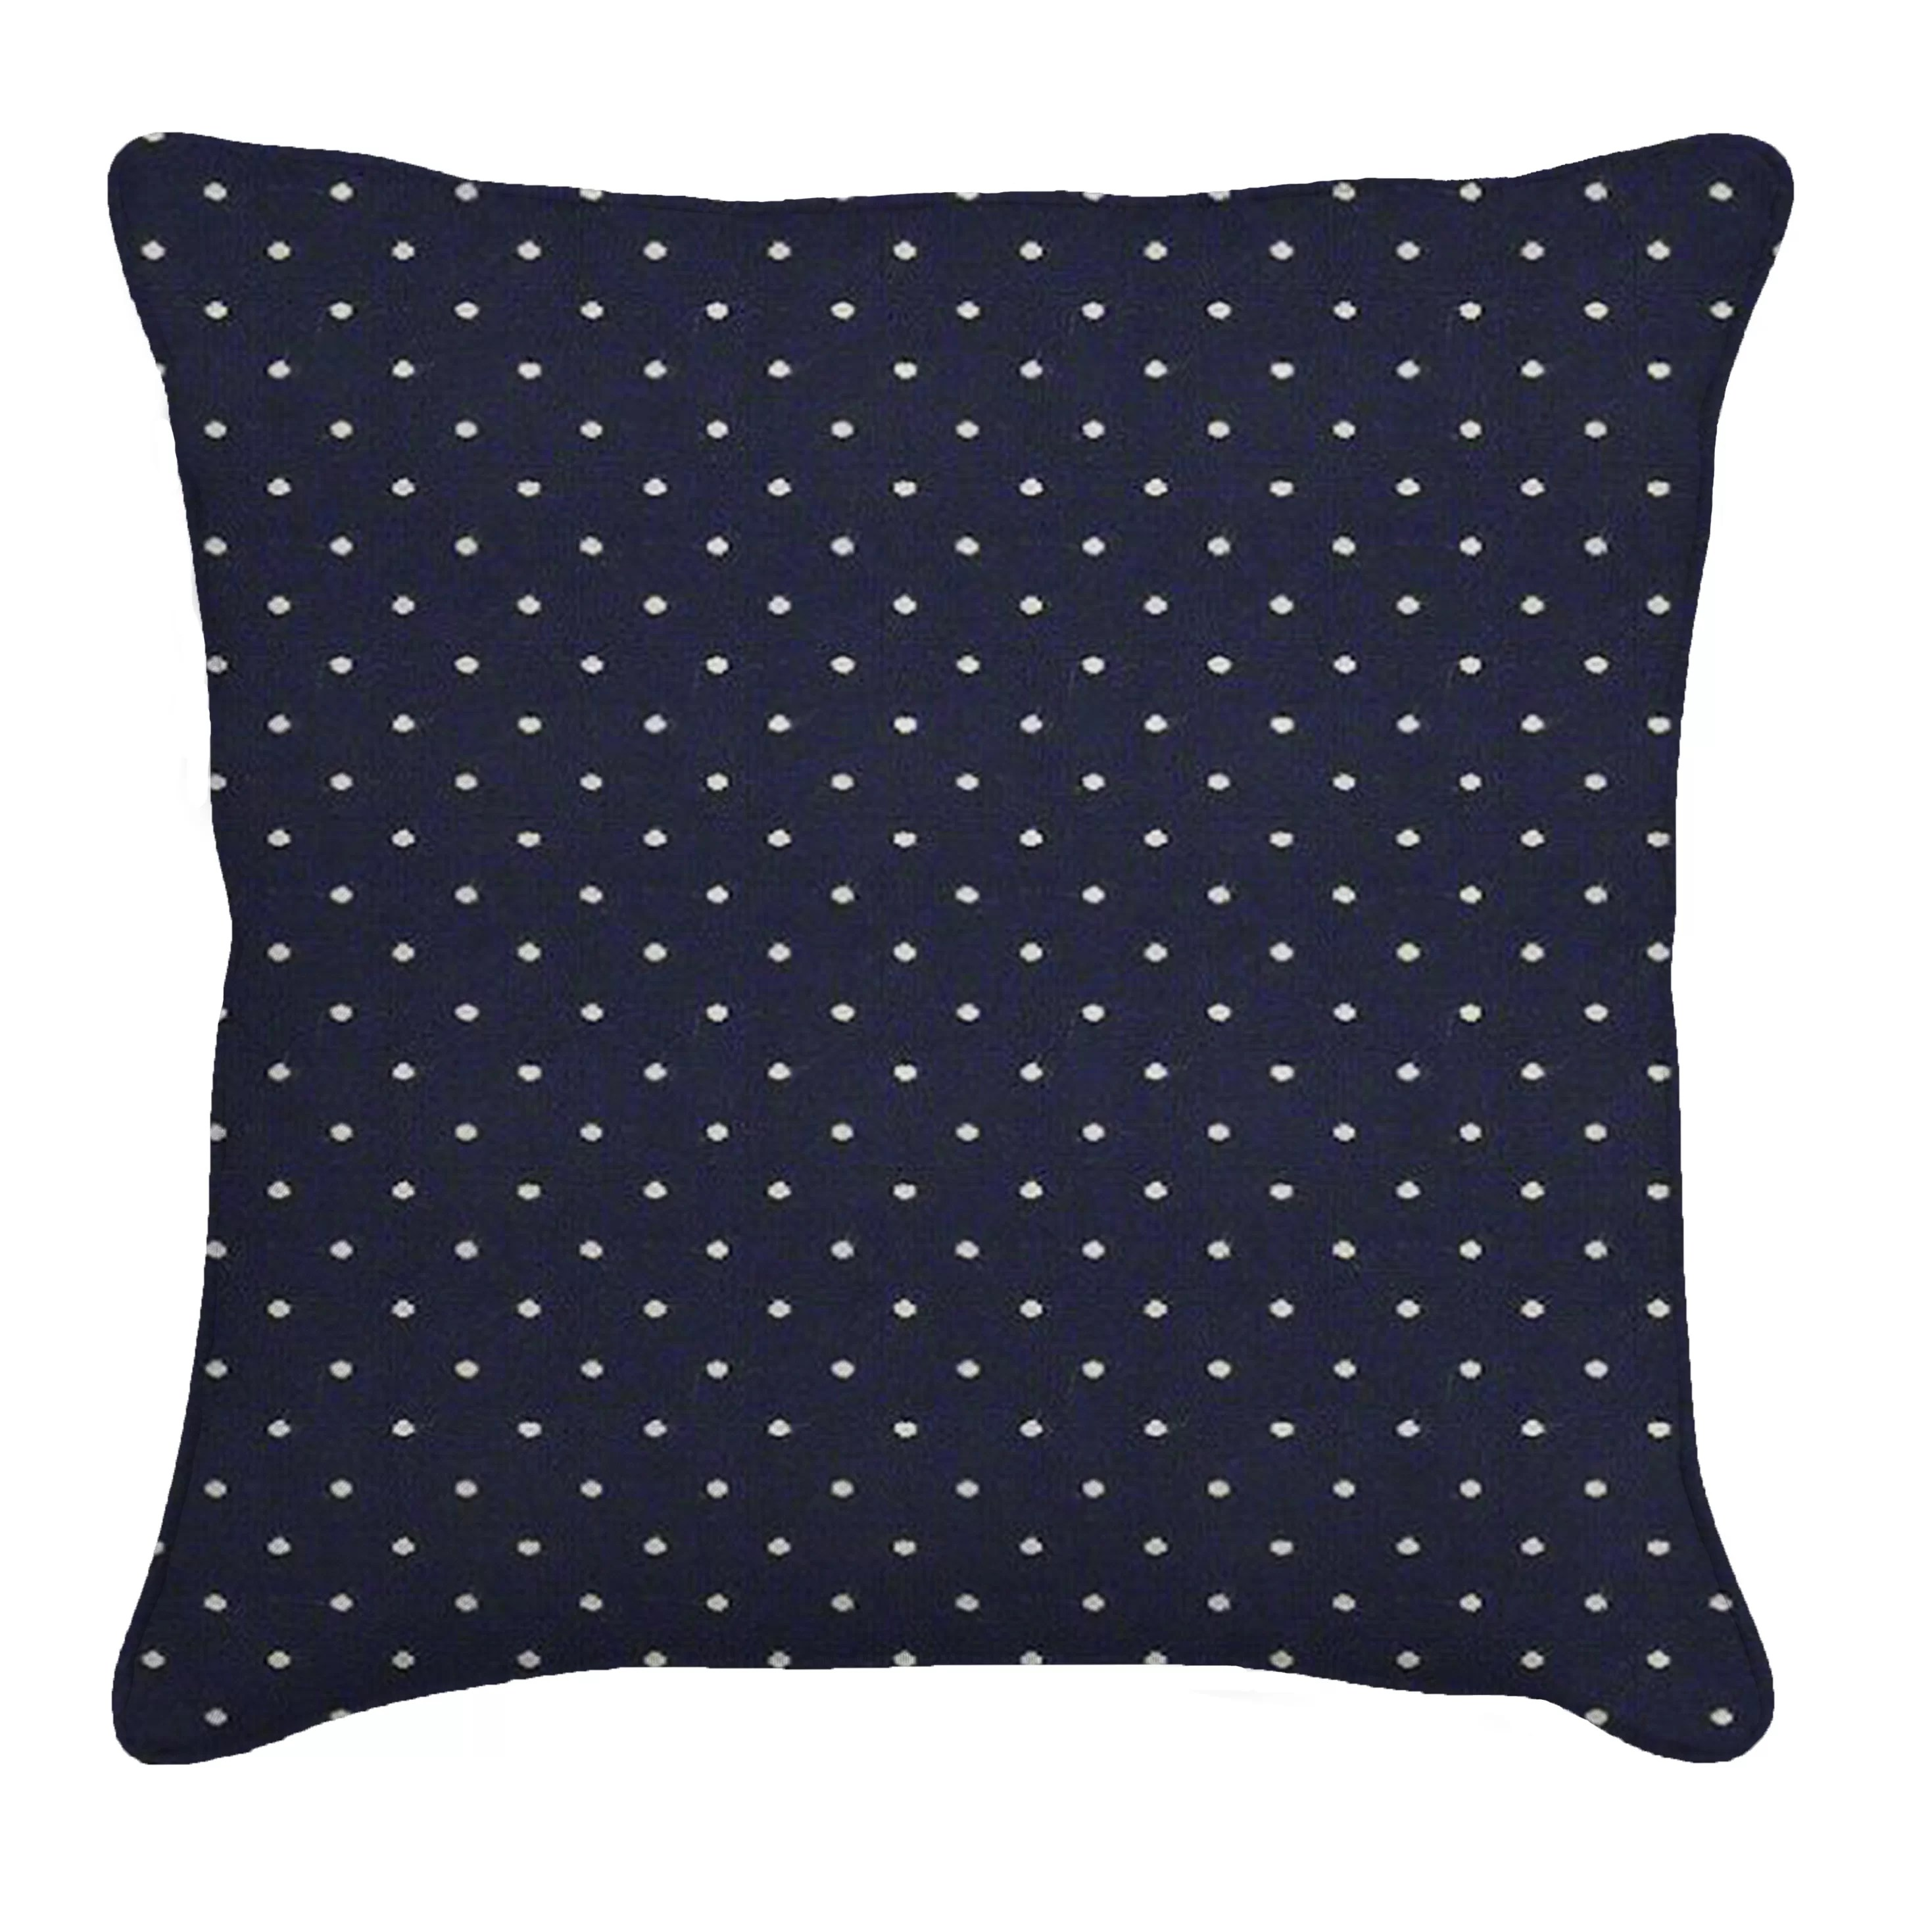 Wayfair Custom Outdoor Cushions Outdoor Sunbrella Throw